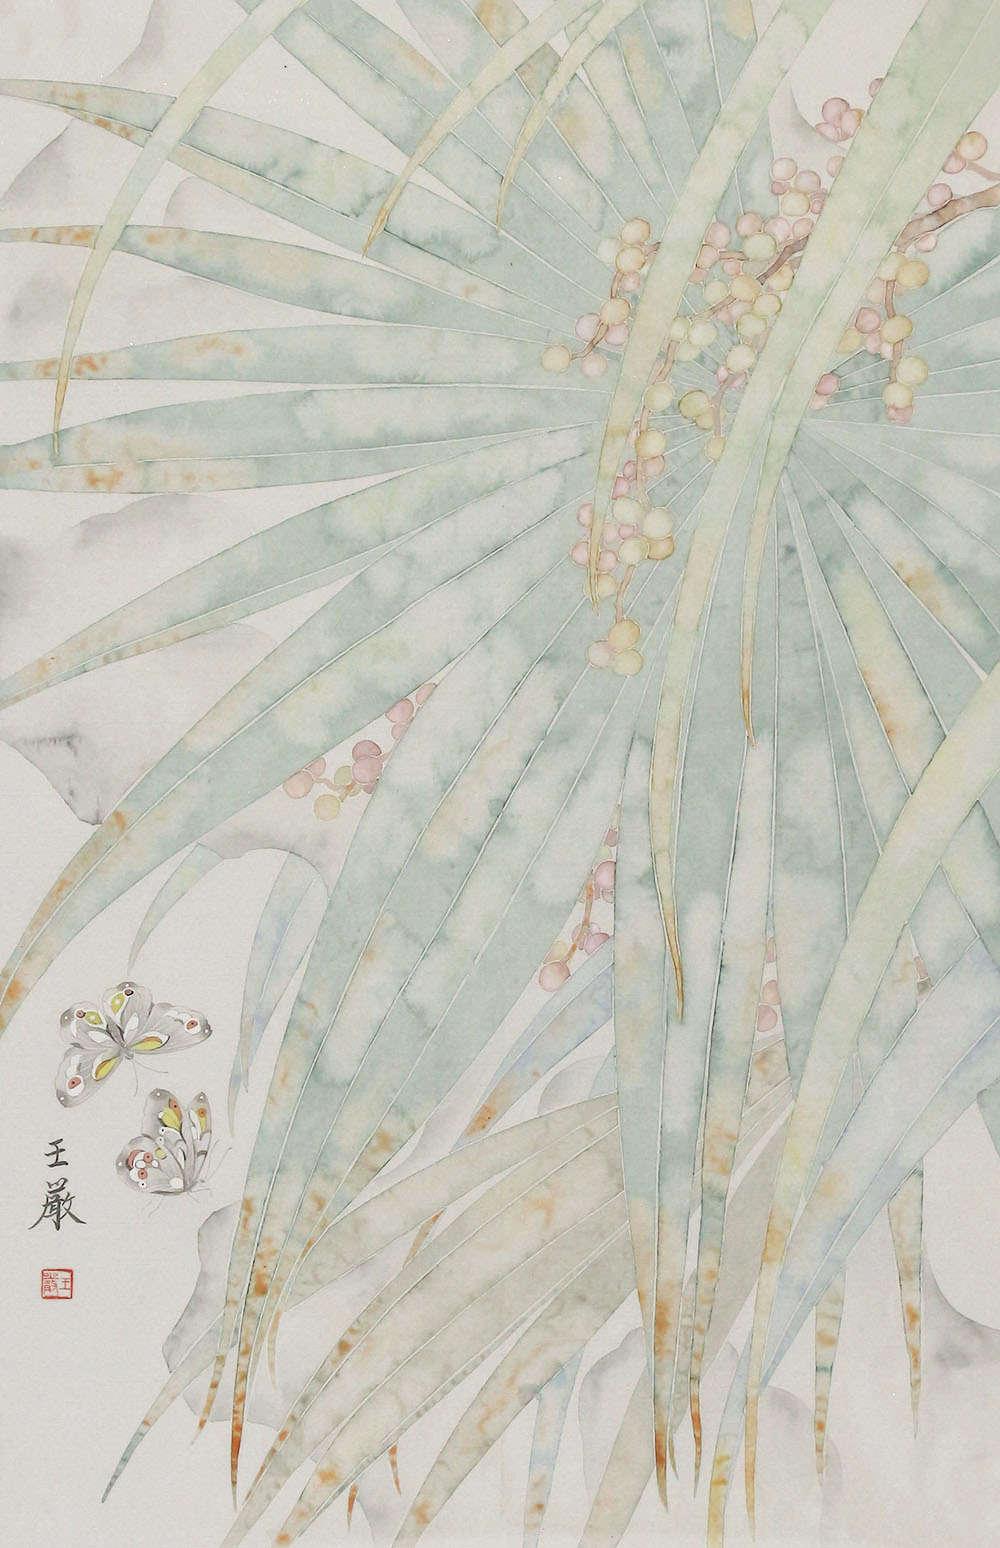 中国美术家协会会员,中央美术学院中国画博士,文化部青联美术工作委员会委员,中国热带雨林艺术研究院研究员 王严 艺术日记又见